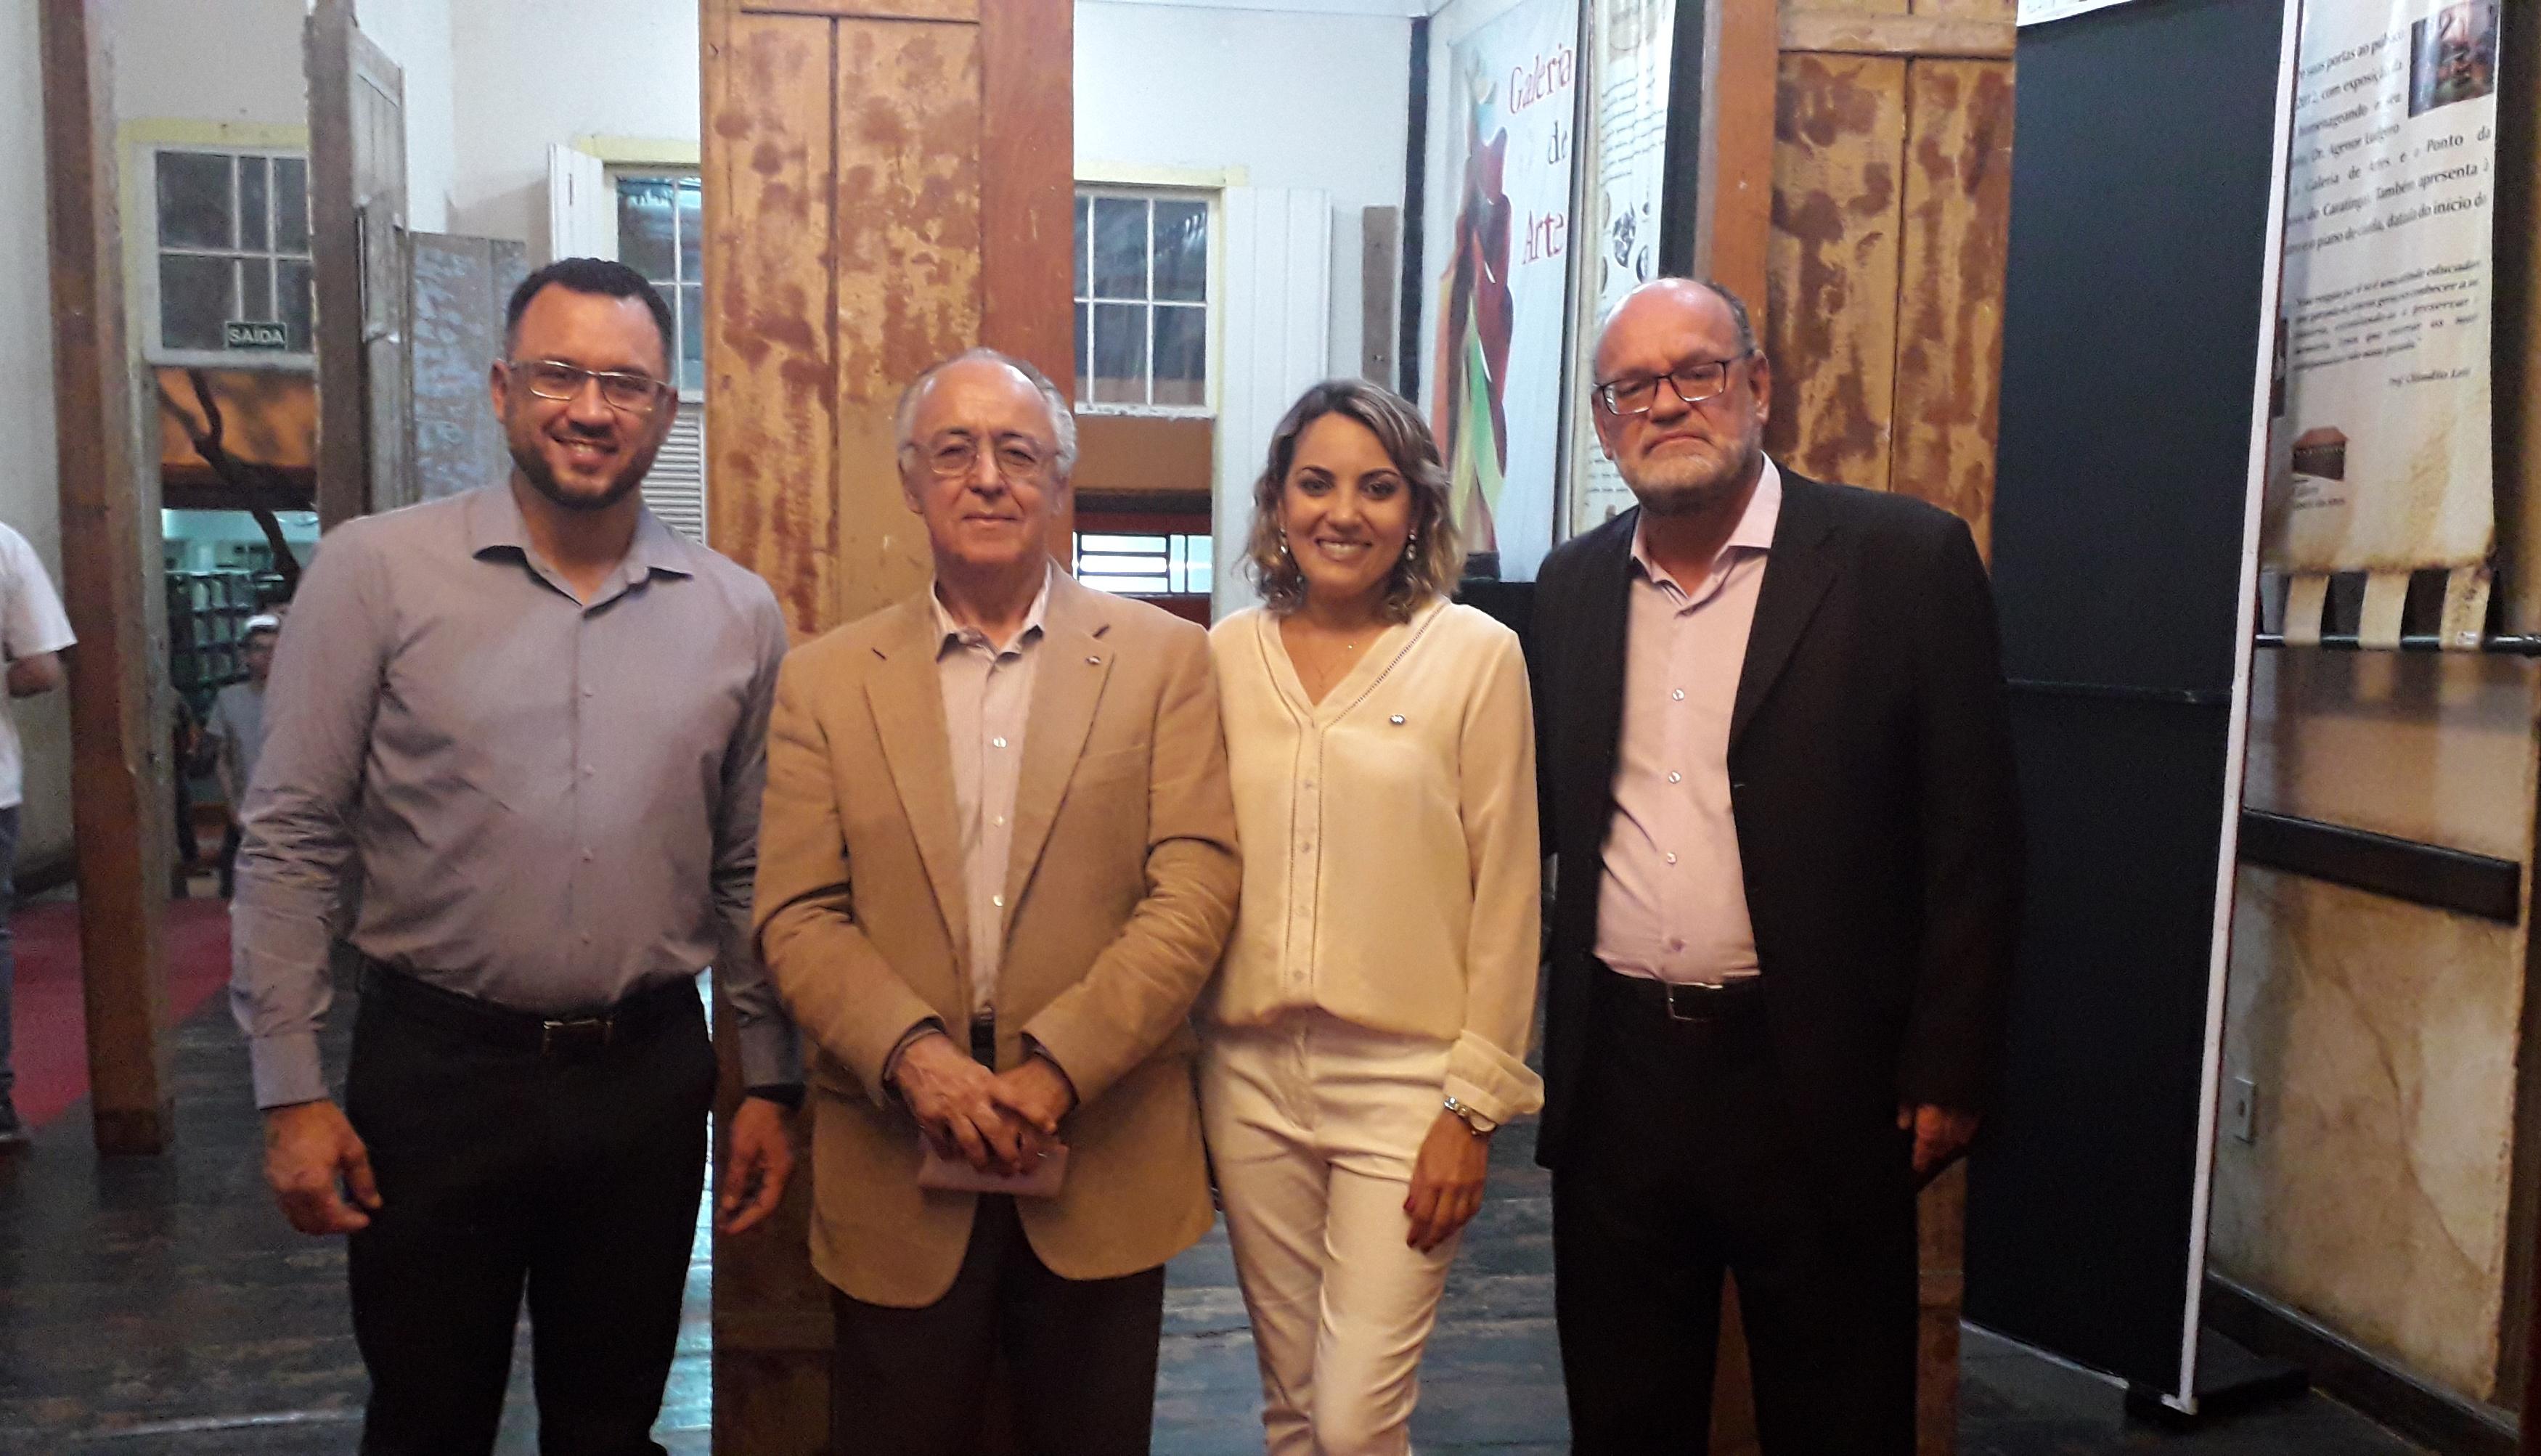 Conselho Regional de Administração realiza Circuito Mineiro de Administração em parceria com a Doctum